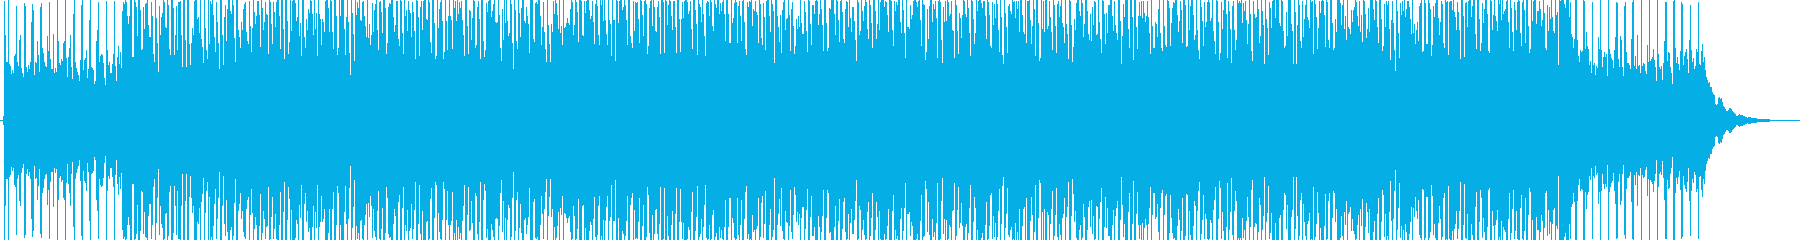 爽やかで軽快なBGMの再生済みの波形